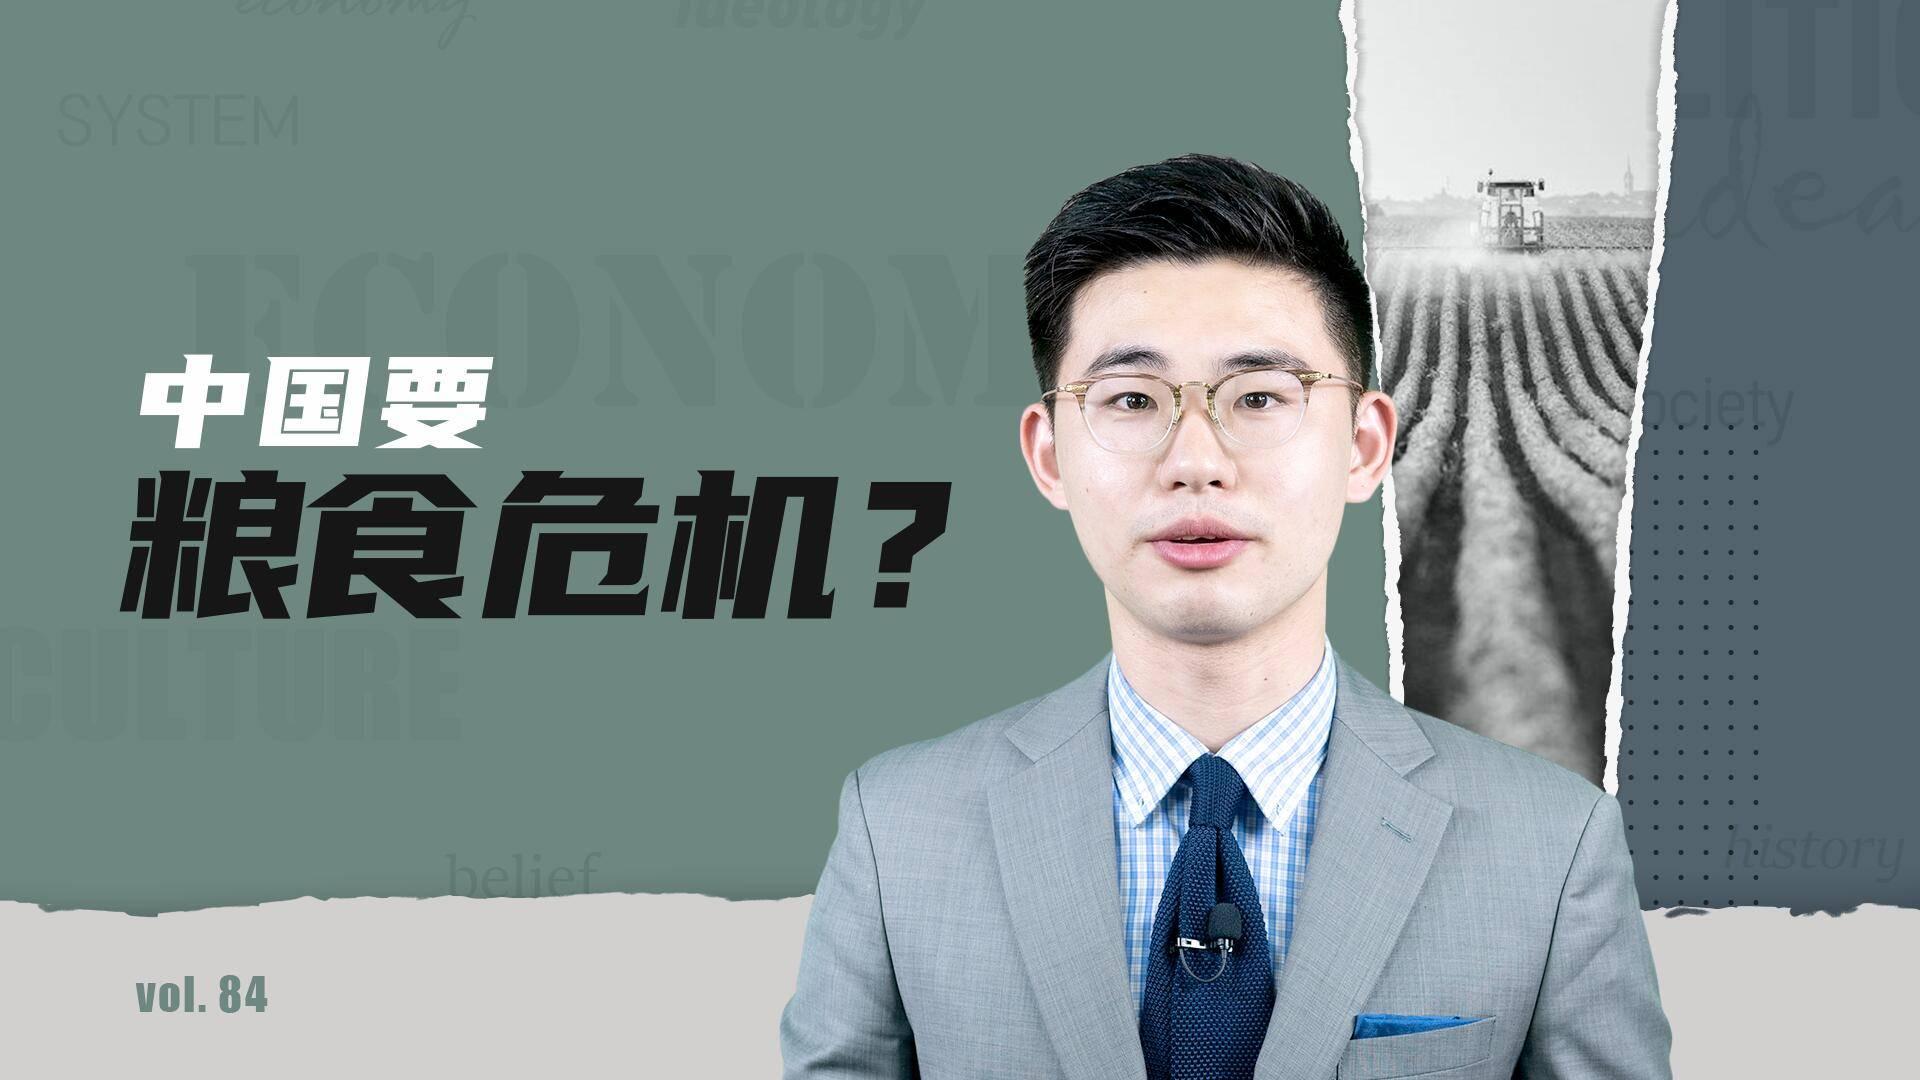 骁话一下:屯米又屯面,中国要粮食危机了?